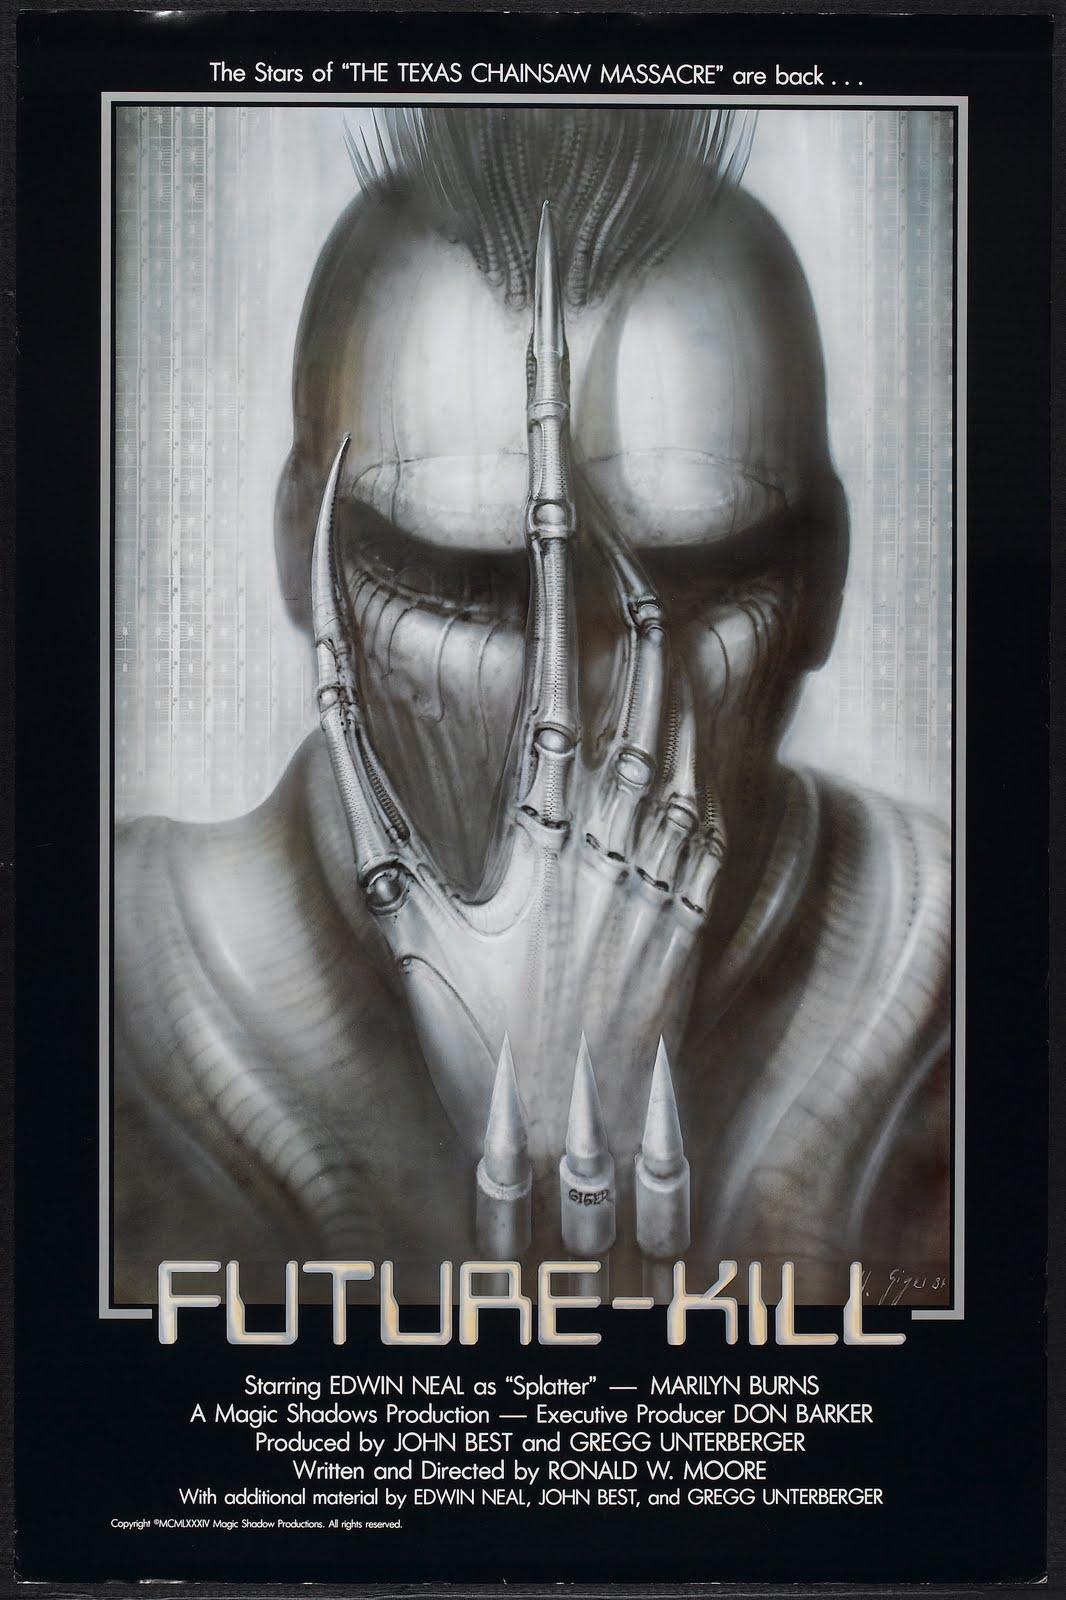 http://4.bp.blogspot.com/_aohMKlbmN3Q/TKzM_-CqdSI/AAAAAAAACC8/z2QuVScau5Y/s1600/Future+Kill.jpg